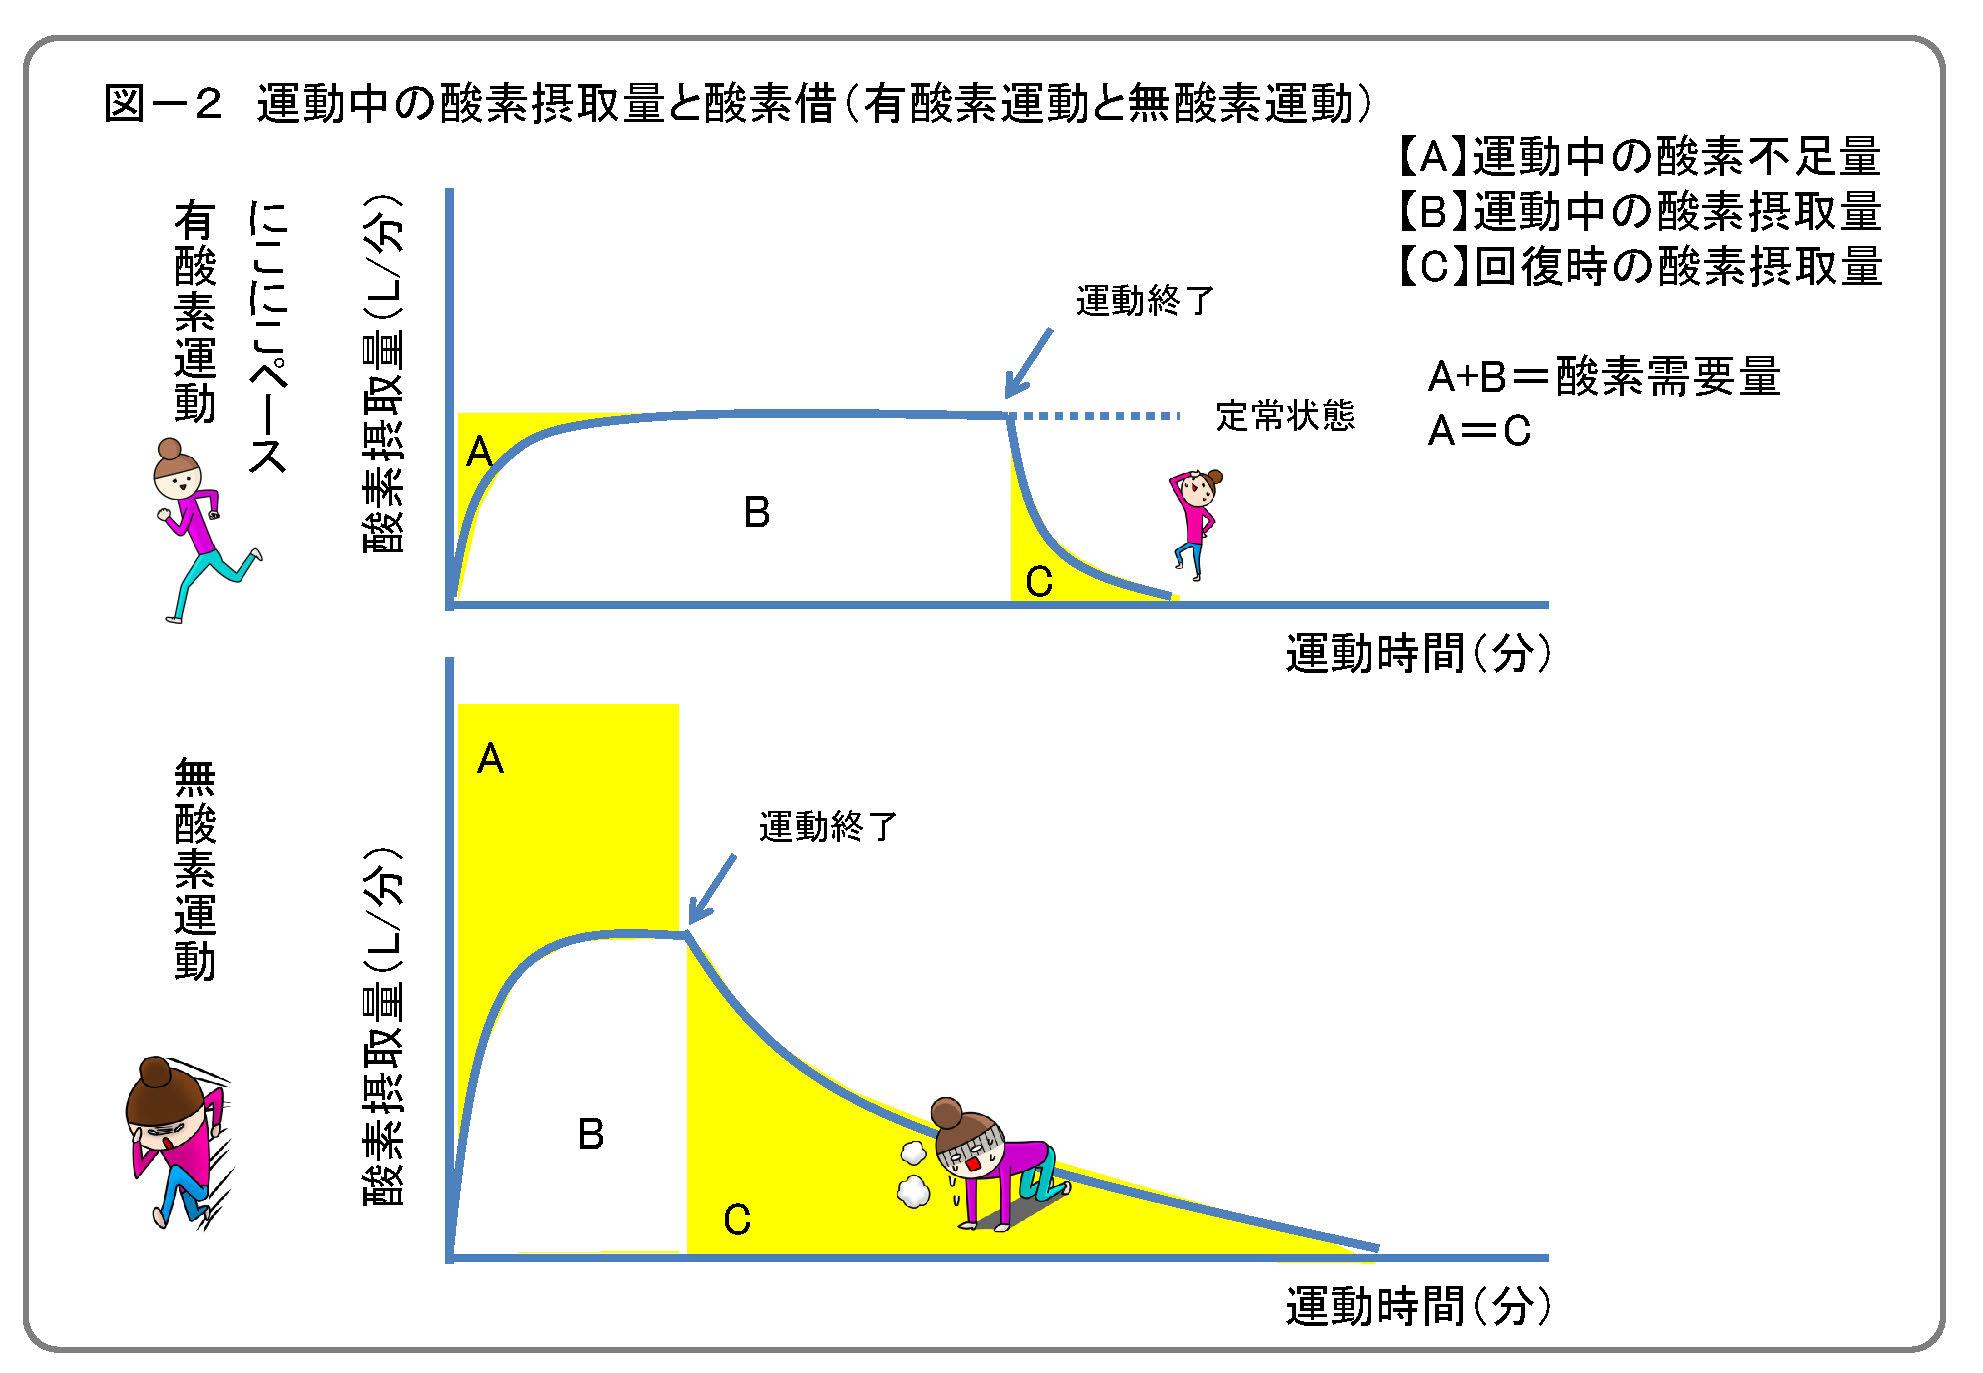 運動中の酸素摂取量と酸素借